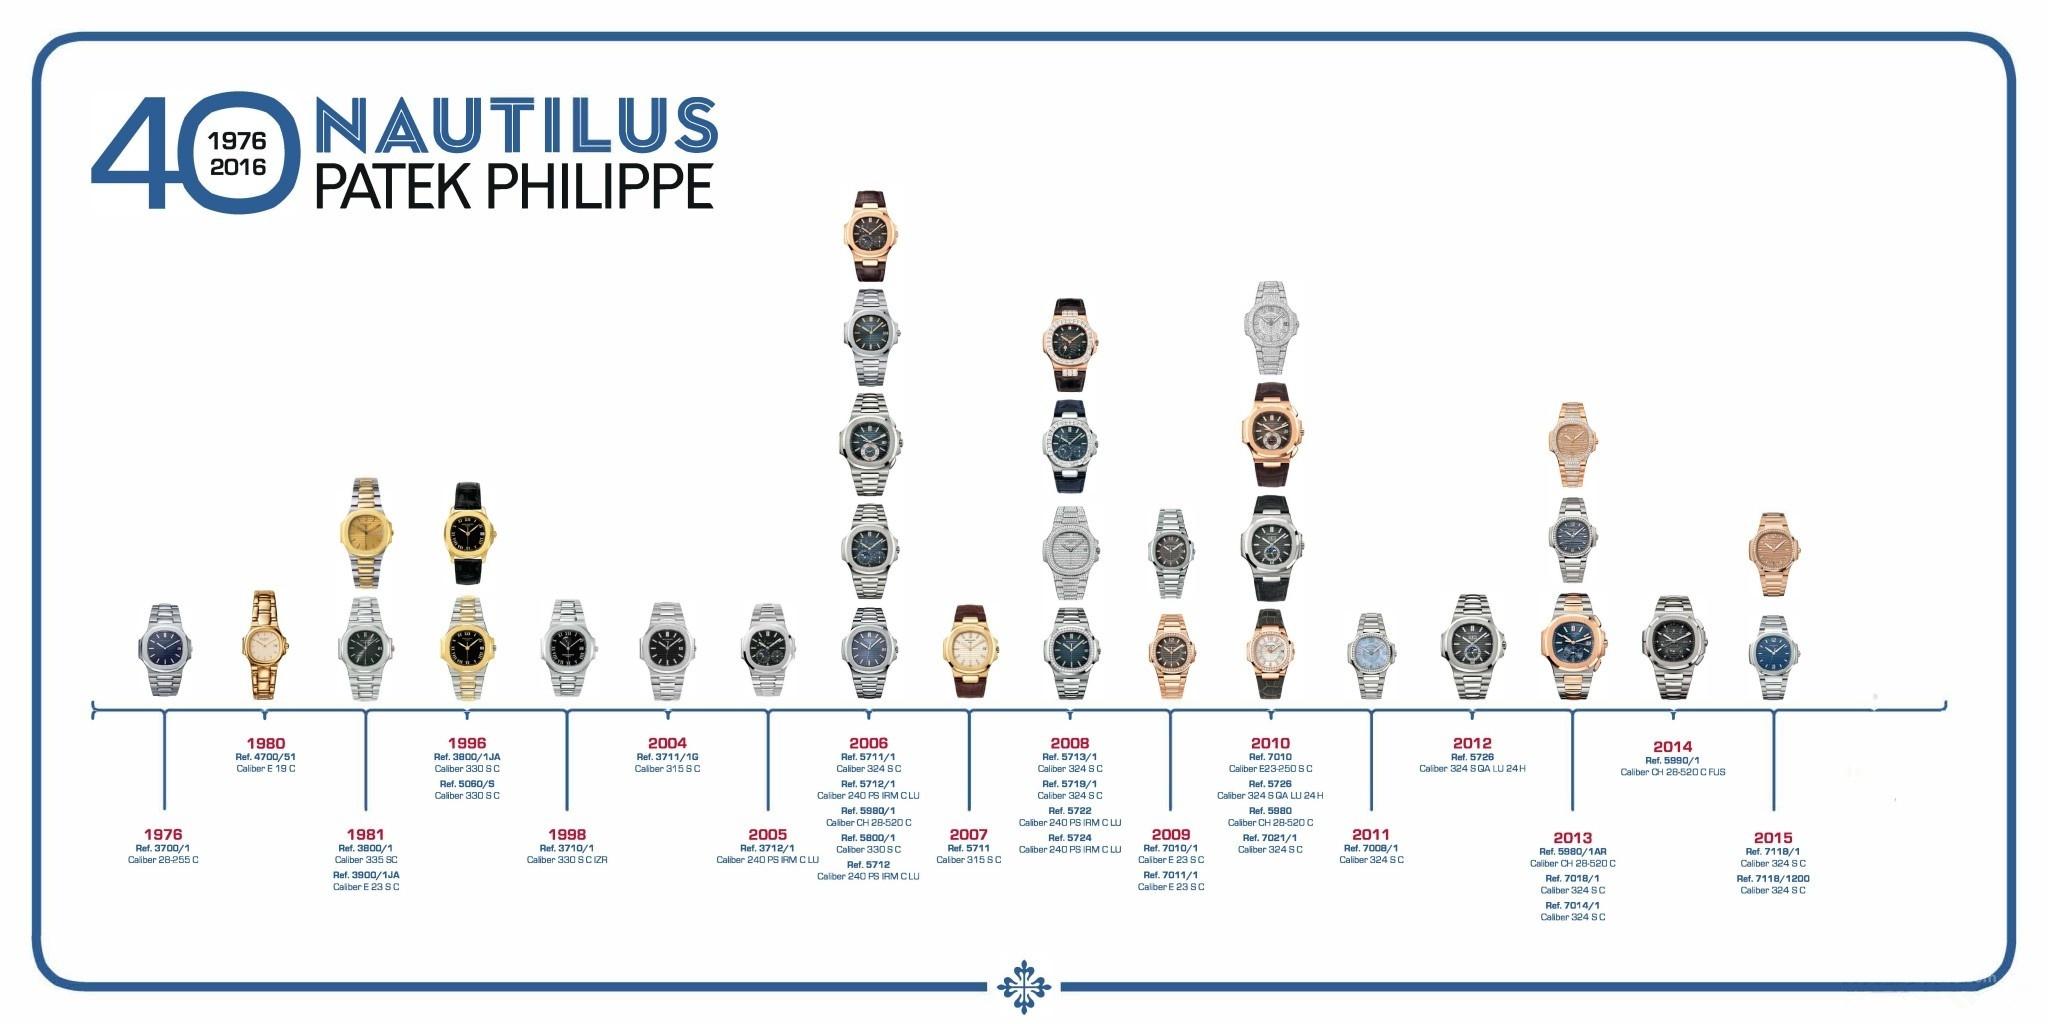 【百达翡丽金鹰系列40周年特别报导之二】不惑经典:Nautilus的历史与重点表款回顾